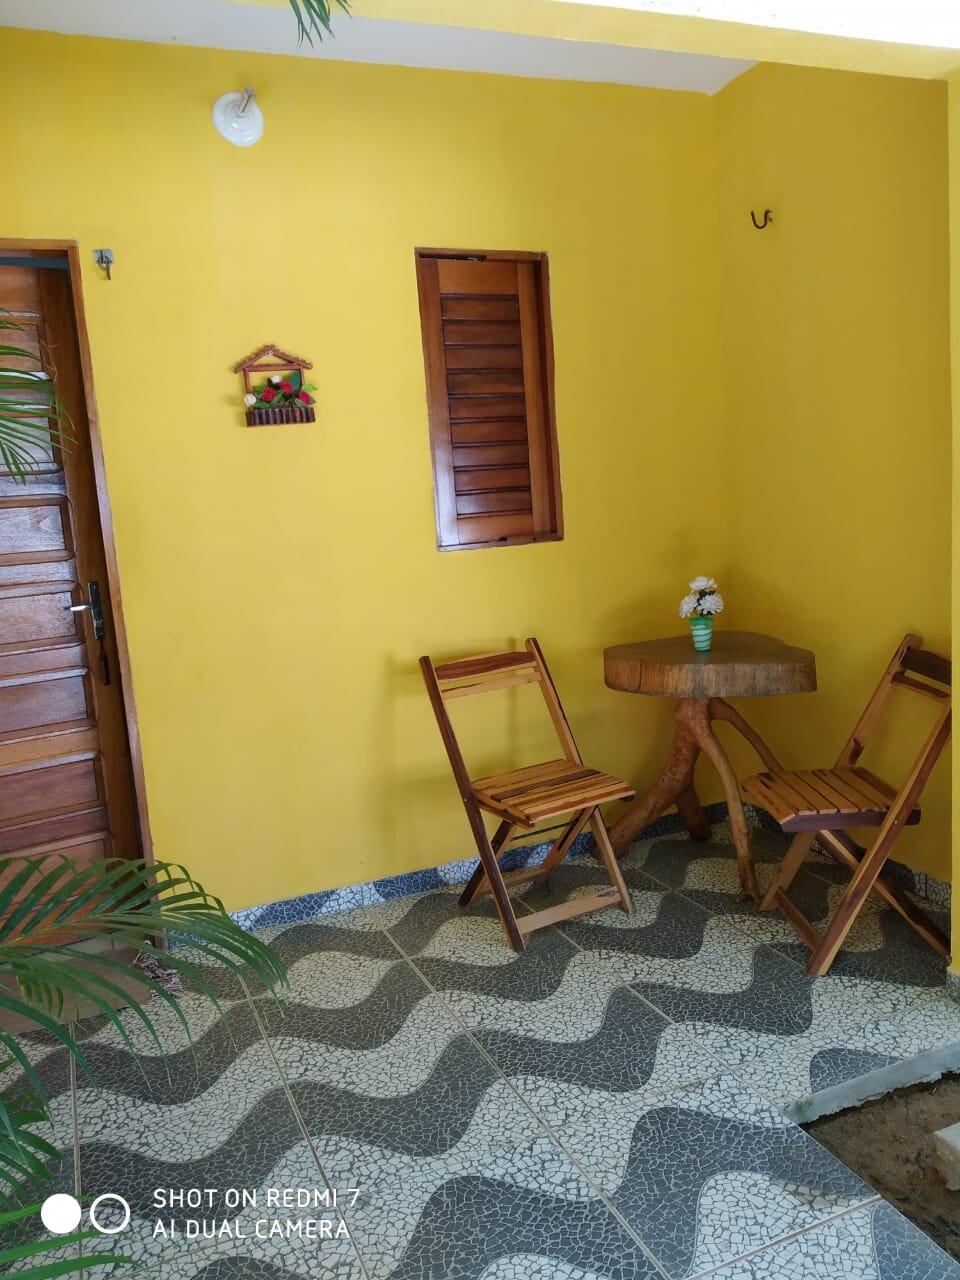 3 Diárias (Período de Carnaval) para 2 pessoas e 1 criança de até 05 anos + café da manhã em Suíte Dupla de R$1.200 por apenas R$1.049